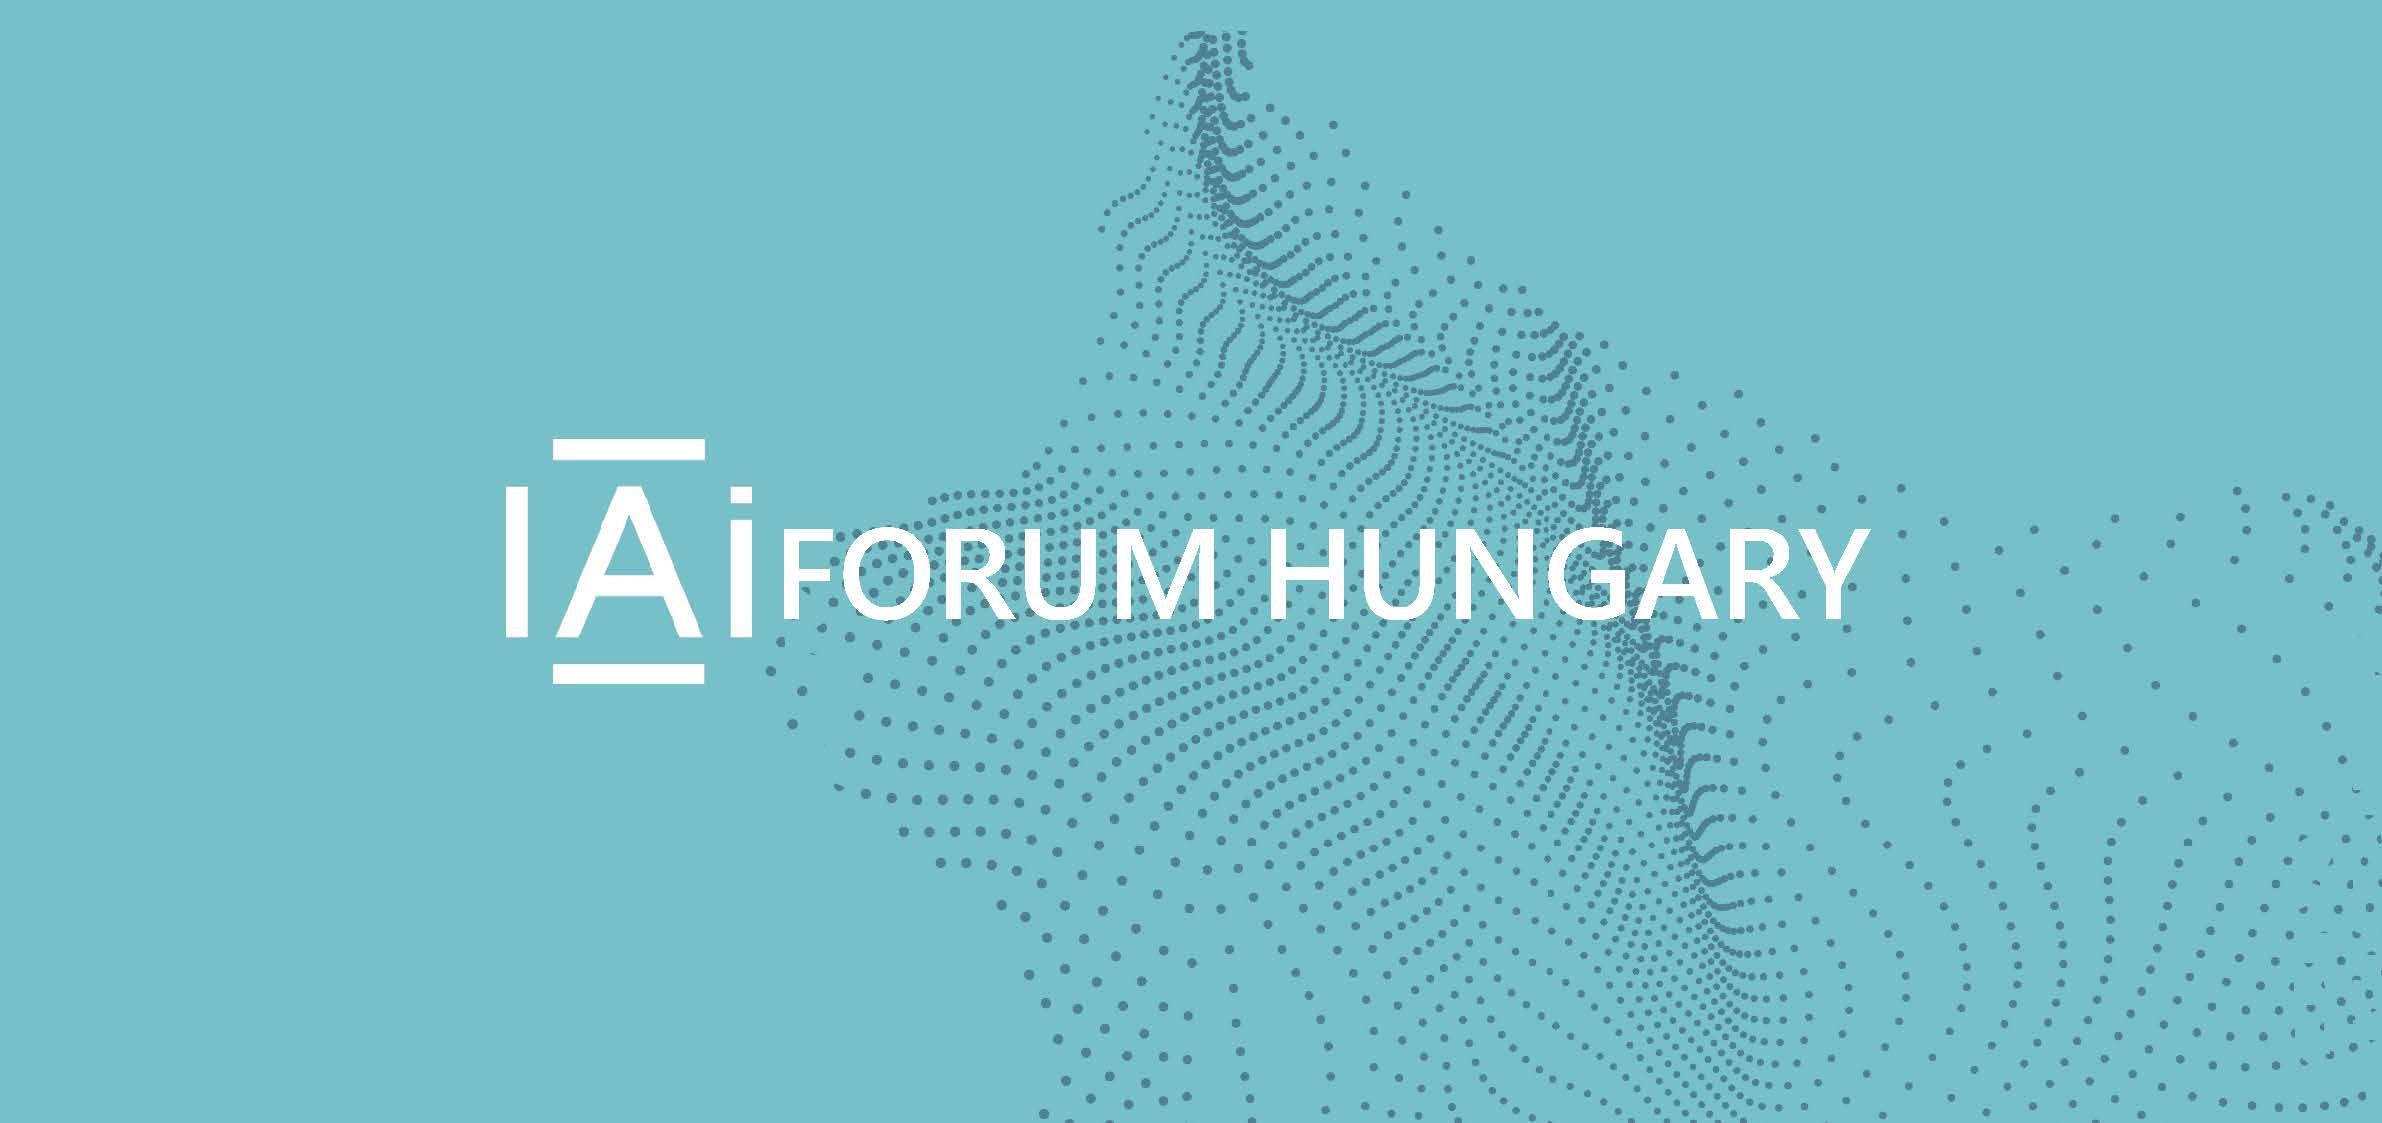 AGENDA AI FORUM HUNGARY 2020